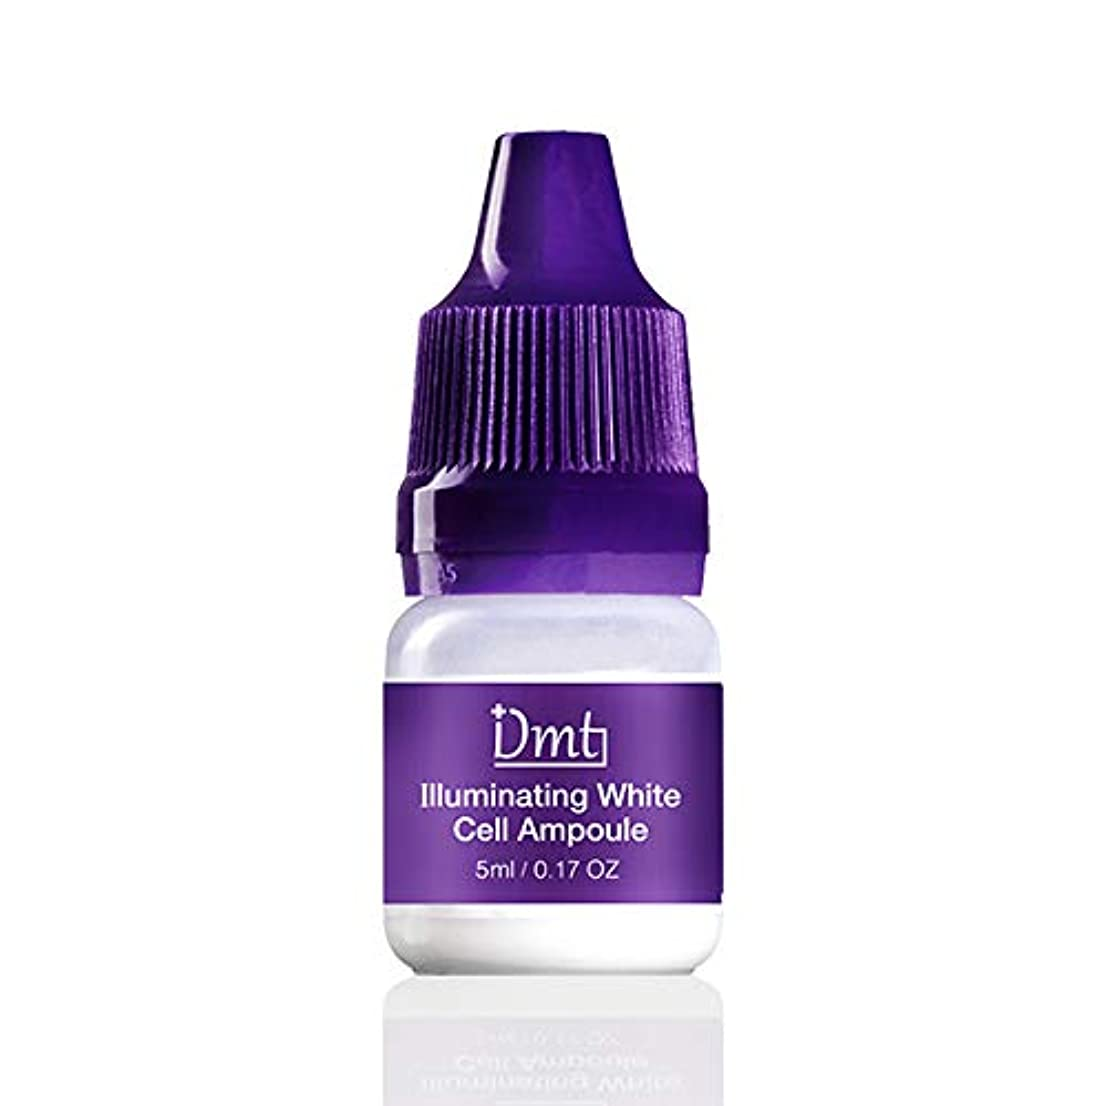 開示する簿記係土曜日DMT De Medicotem Illuminating White Cell Ampoule 5ml x 10 Ampoules イルミネーティングホワイトセルアンプル5ml x 10アンプル